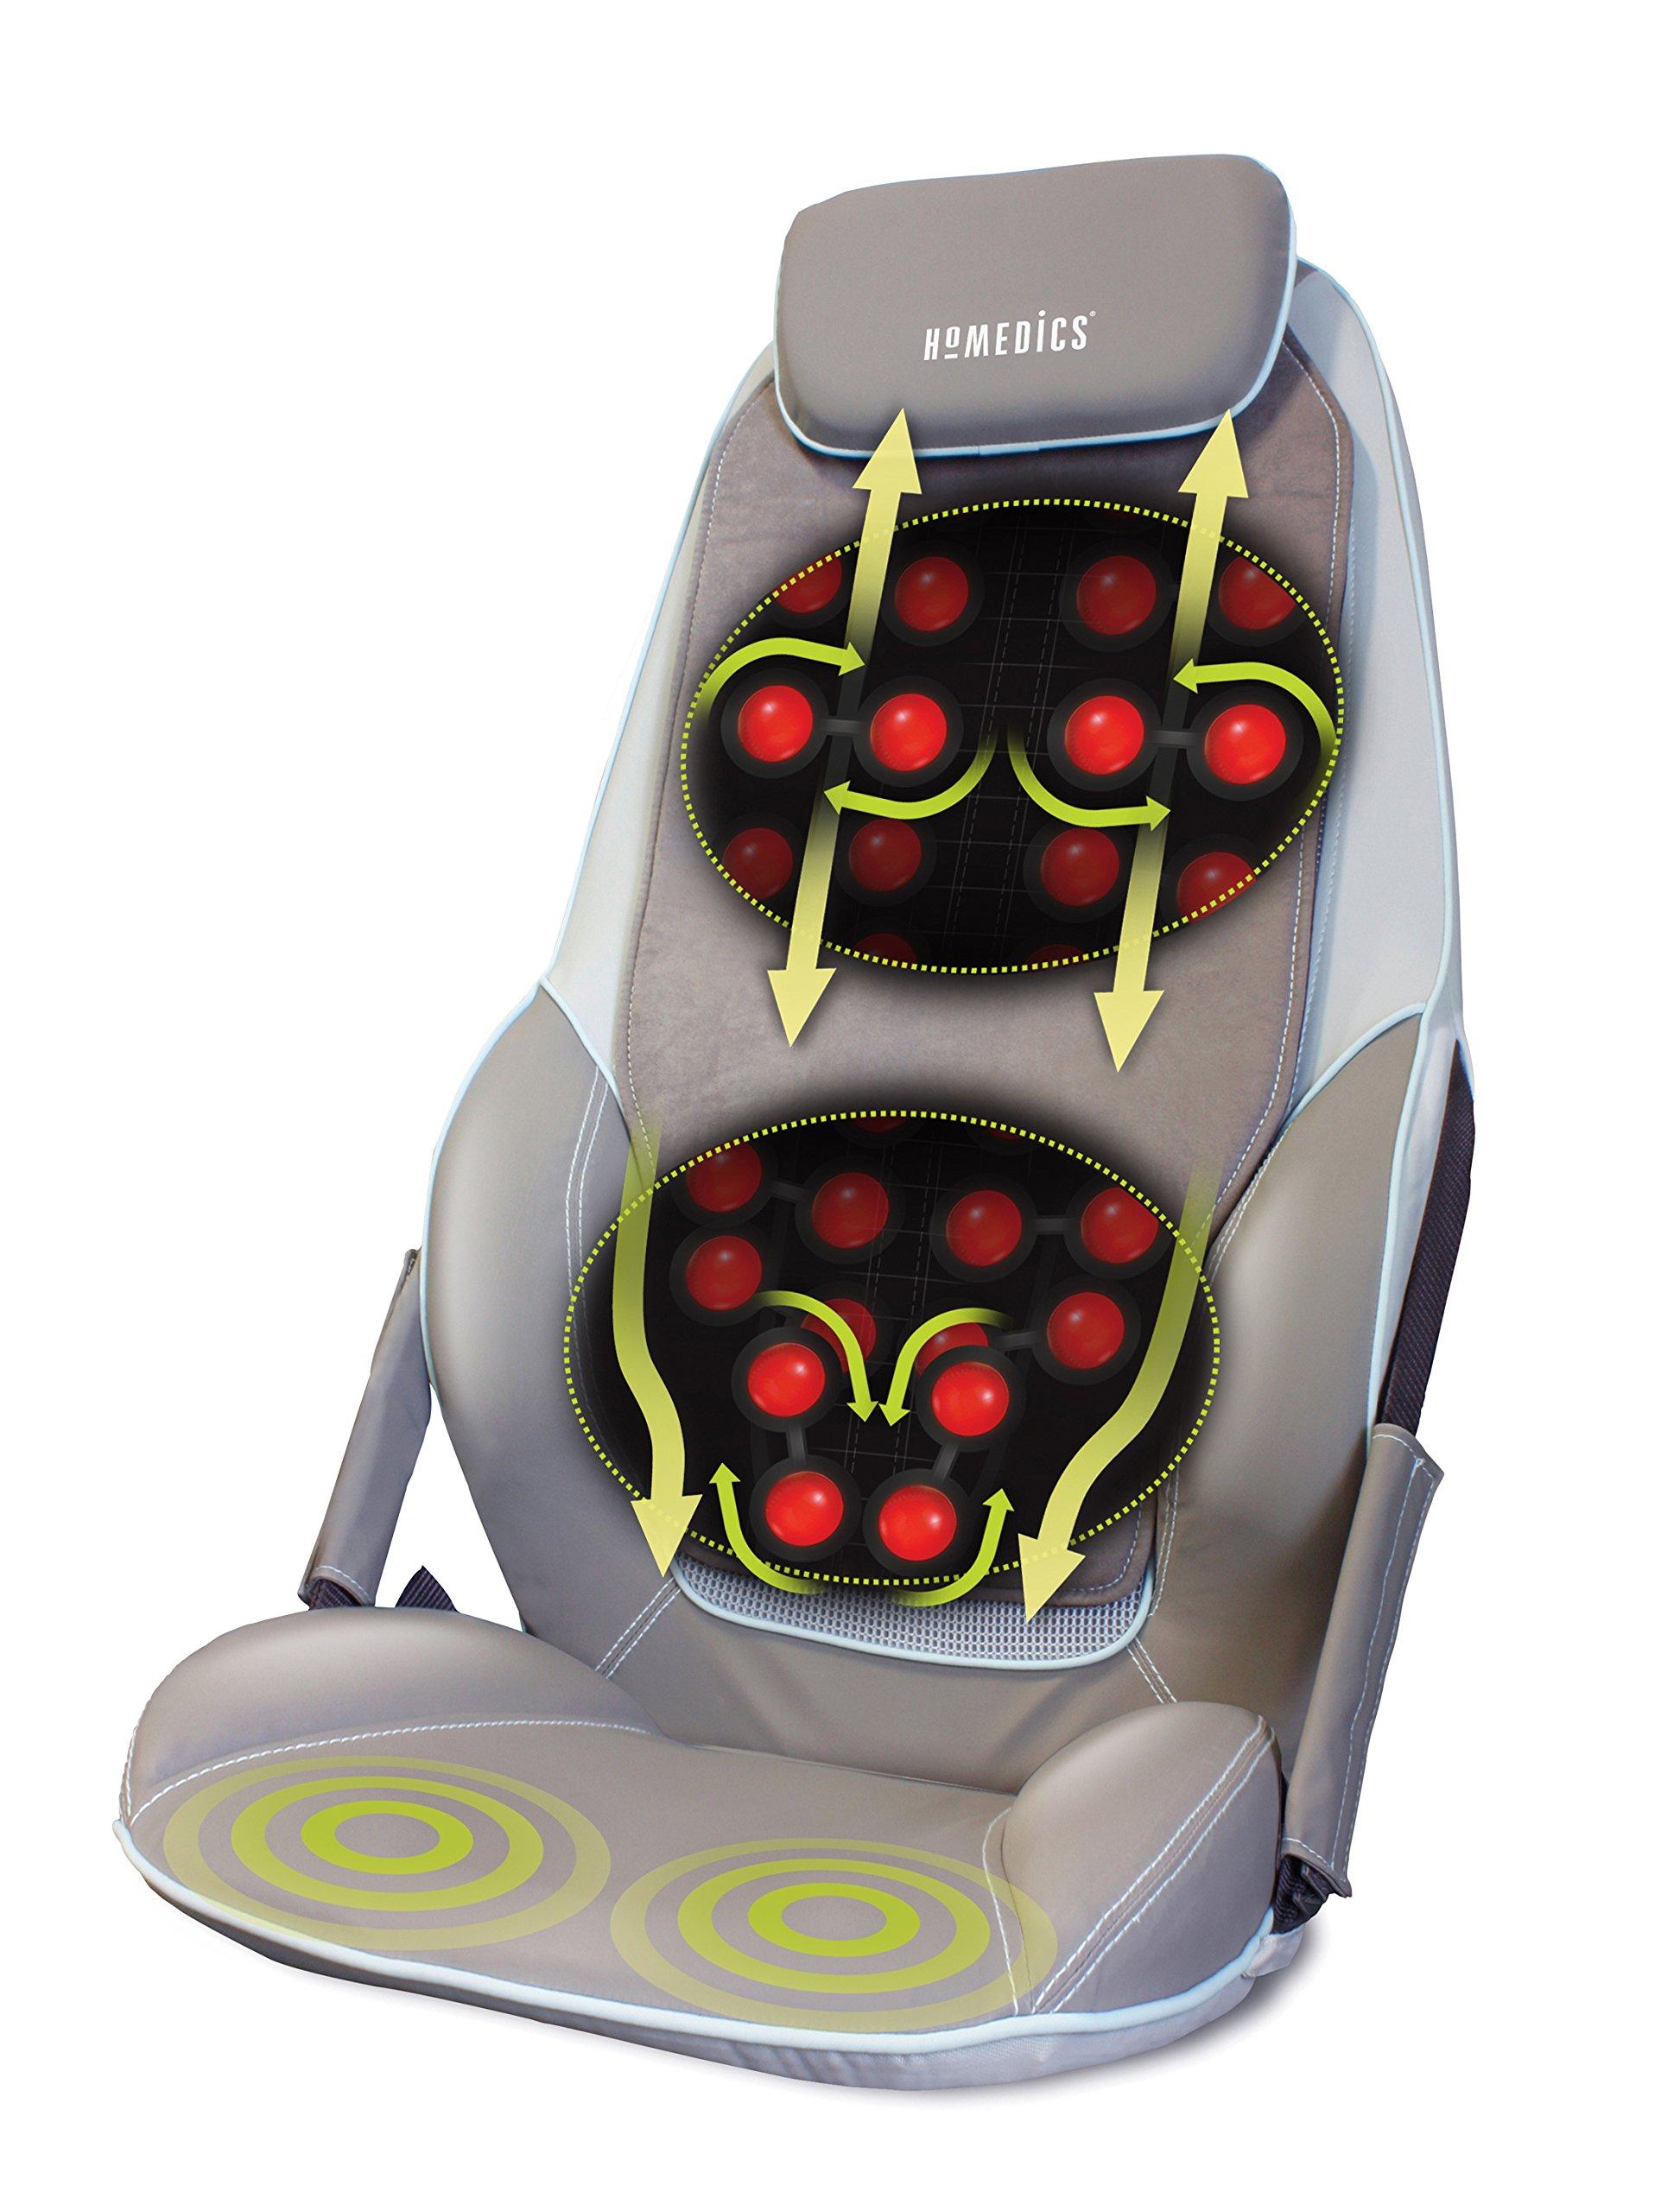 HoMedics Appareil de massage shiatsu pour le dos et les épaules - Fauteuil de massage réglable, tension 3 réglages de zone, Tout, Muscles du haut et du bas du dos, Vibration, Chaleur apaisante - Noir product image